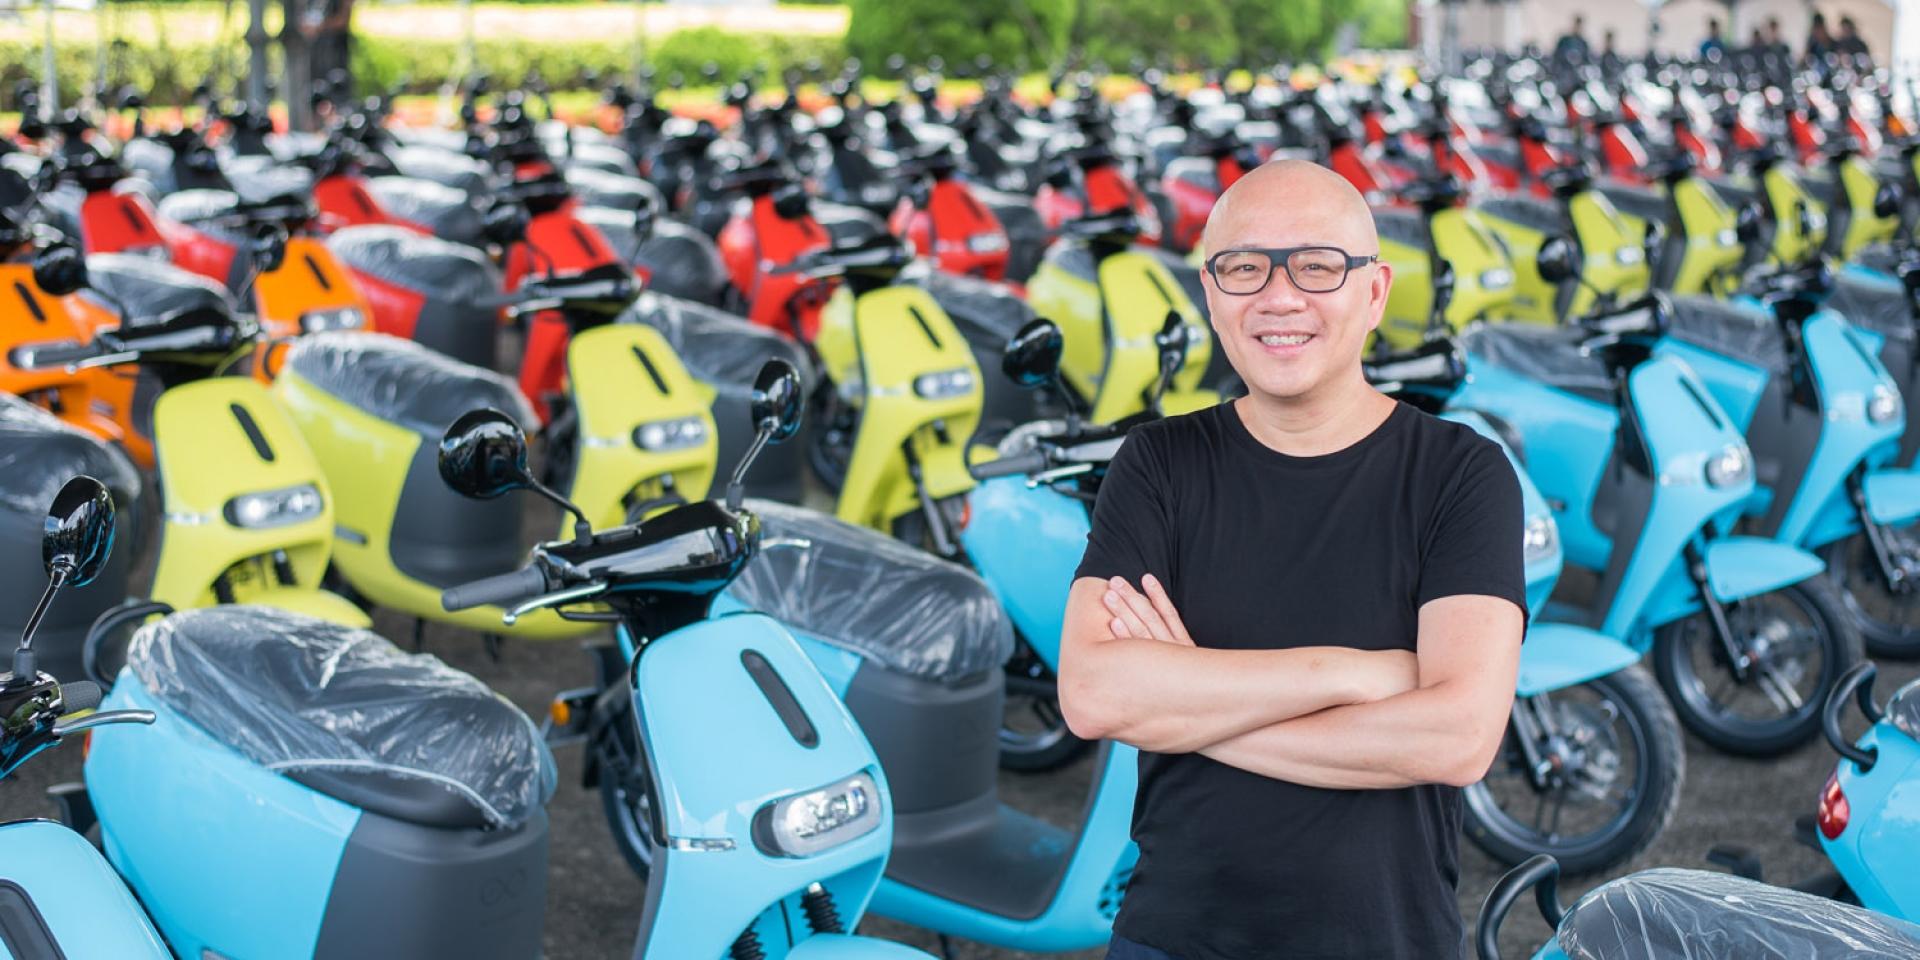 官方新聞稿。電動車領導品牌Gogoro 七月掛牌數突破4,000台電池交換達500萬次